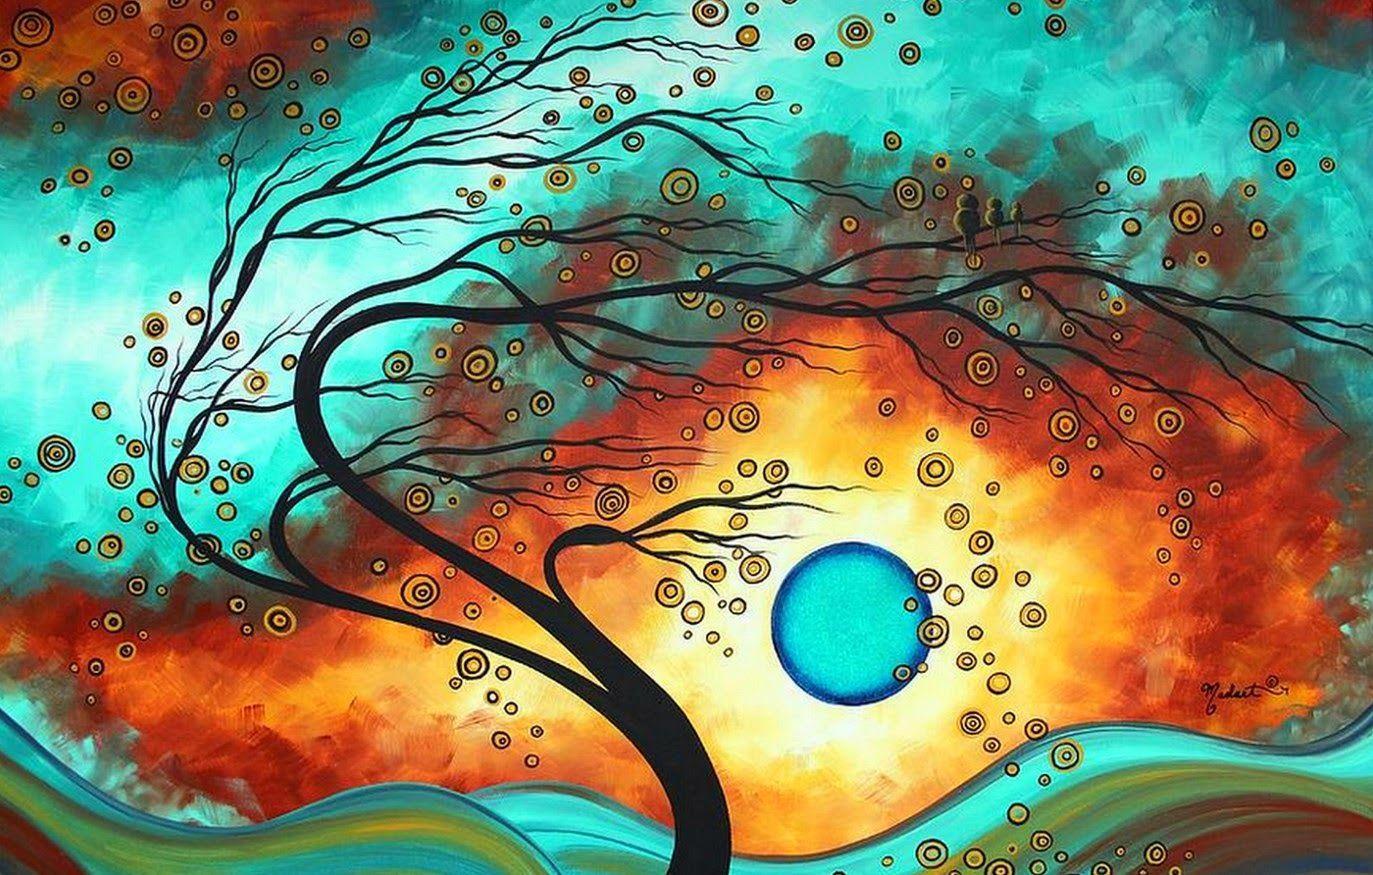 Dibujos Faciles Pinturas Con Acrilico Jpg 1373 875 Pinturas Dibujos Abstractos Imagenes De Arte